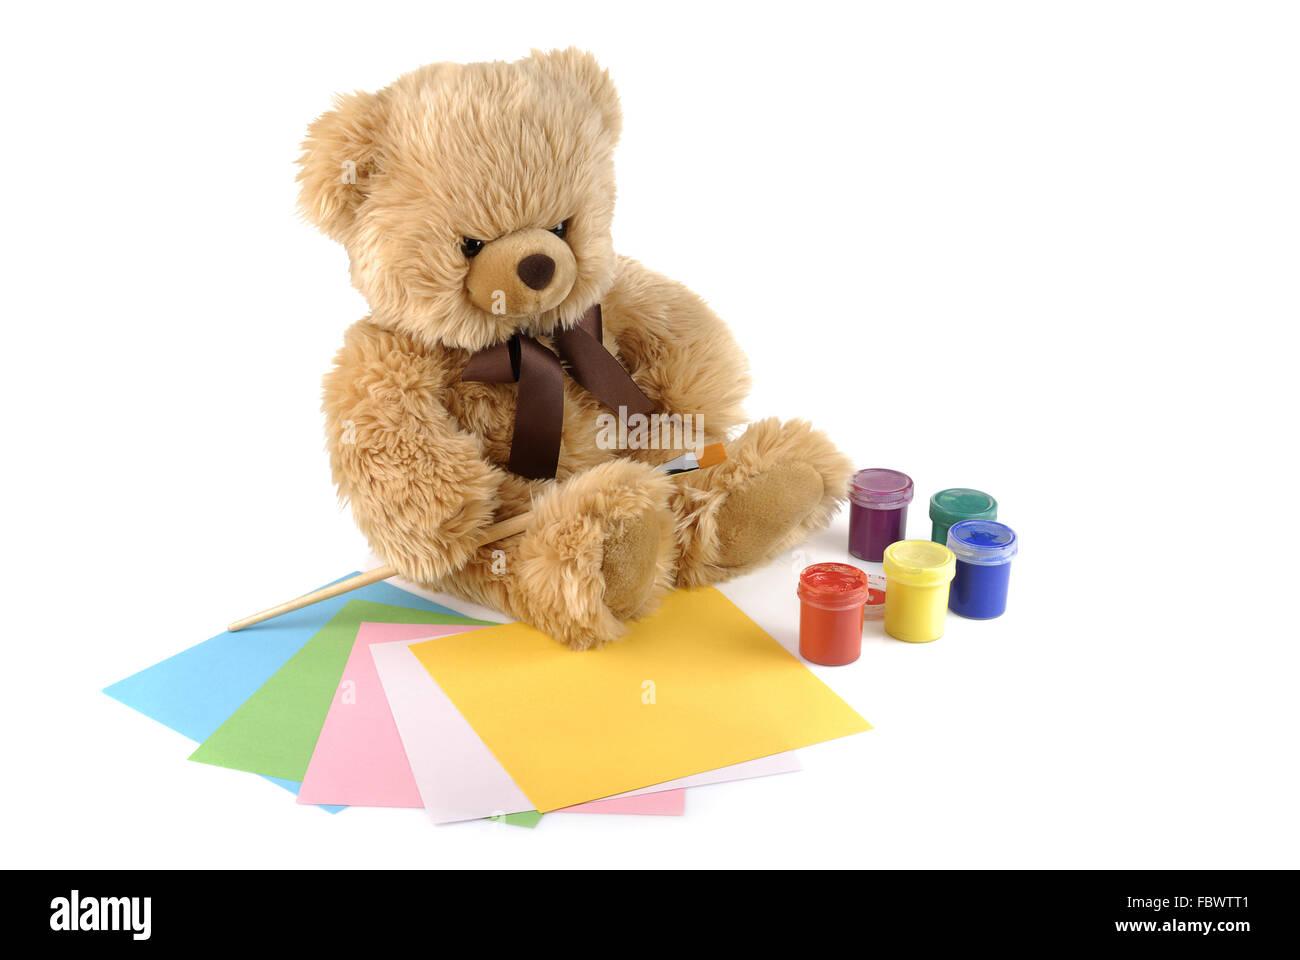 Teddybär Malerei Farben isoliert auf weiss Stockfoto, Bild: 93381345 ...